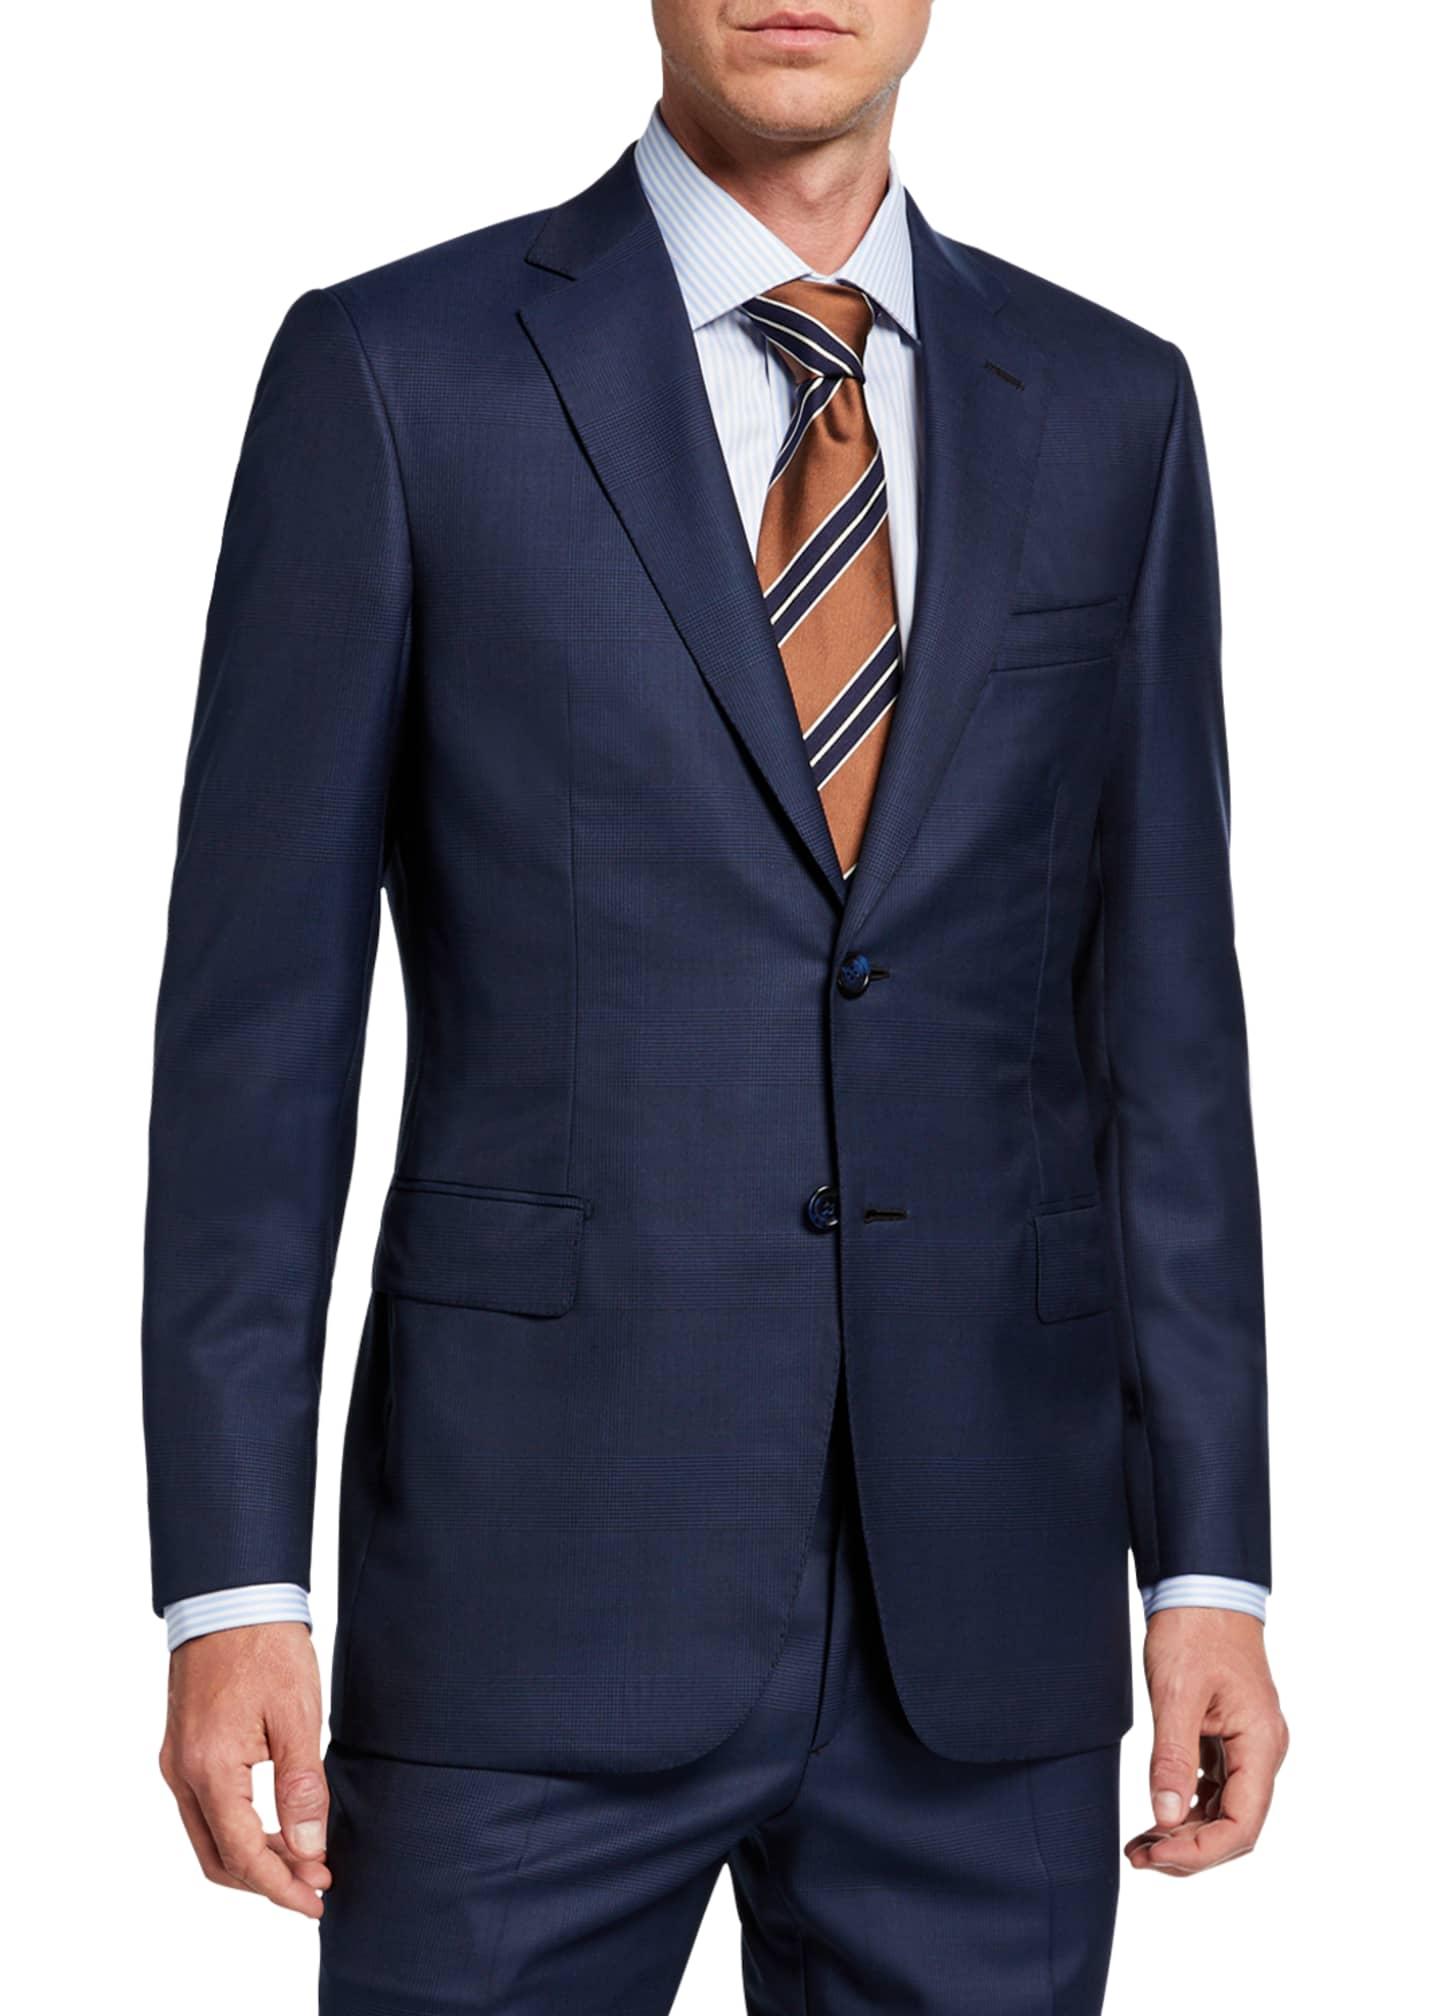 Brioni Men's Tonal Plaid Two-Piece Suit